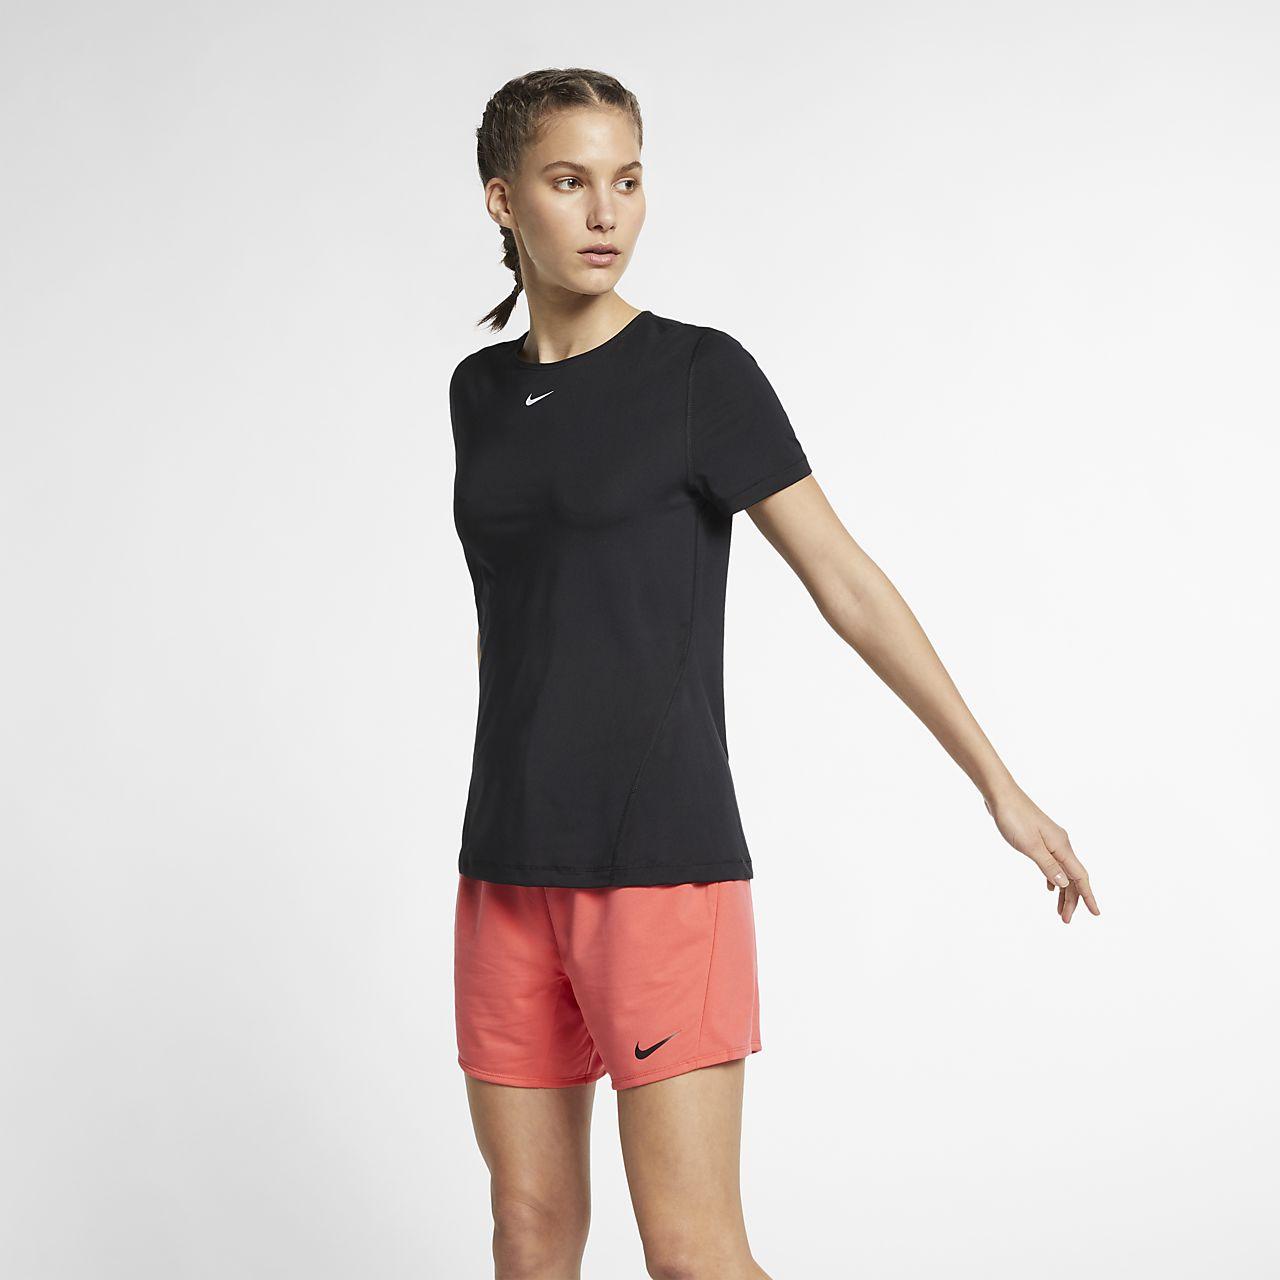 Nike Pro kortermet treningsoverdel i netting til dame